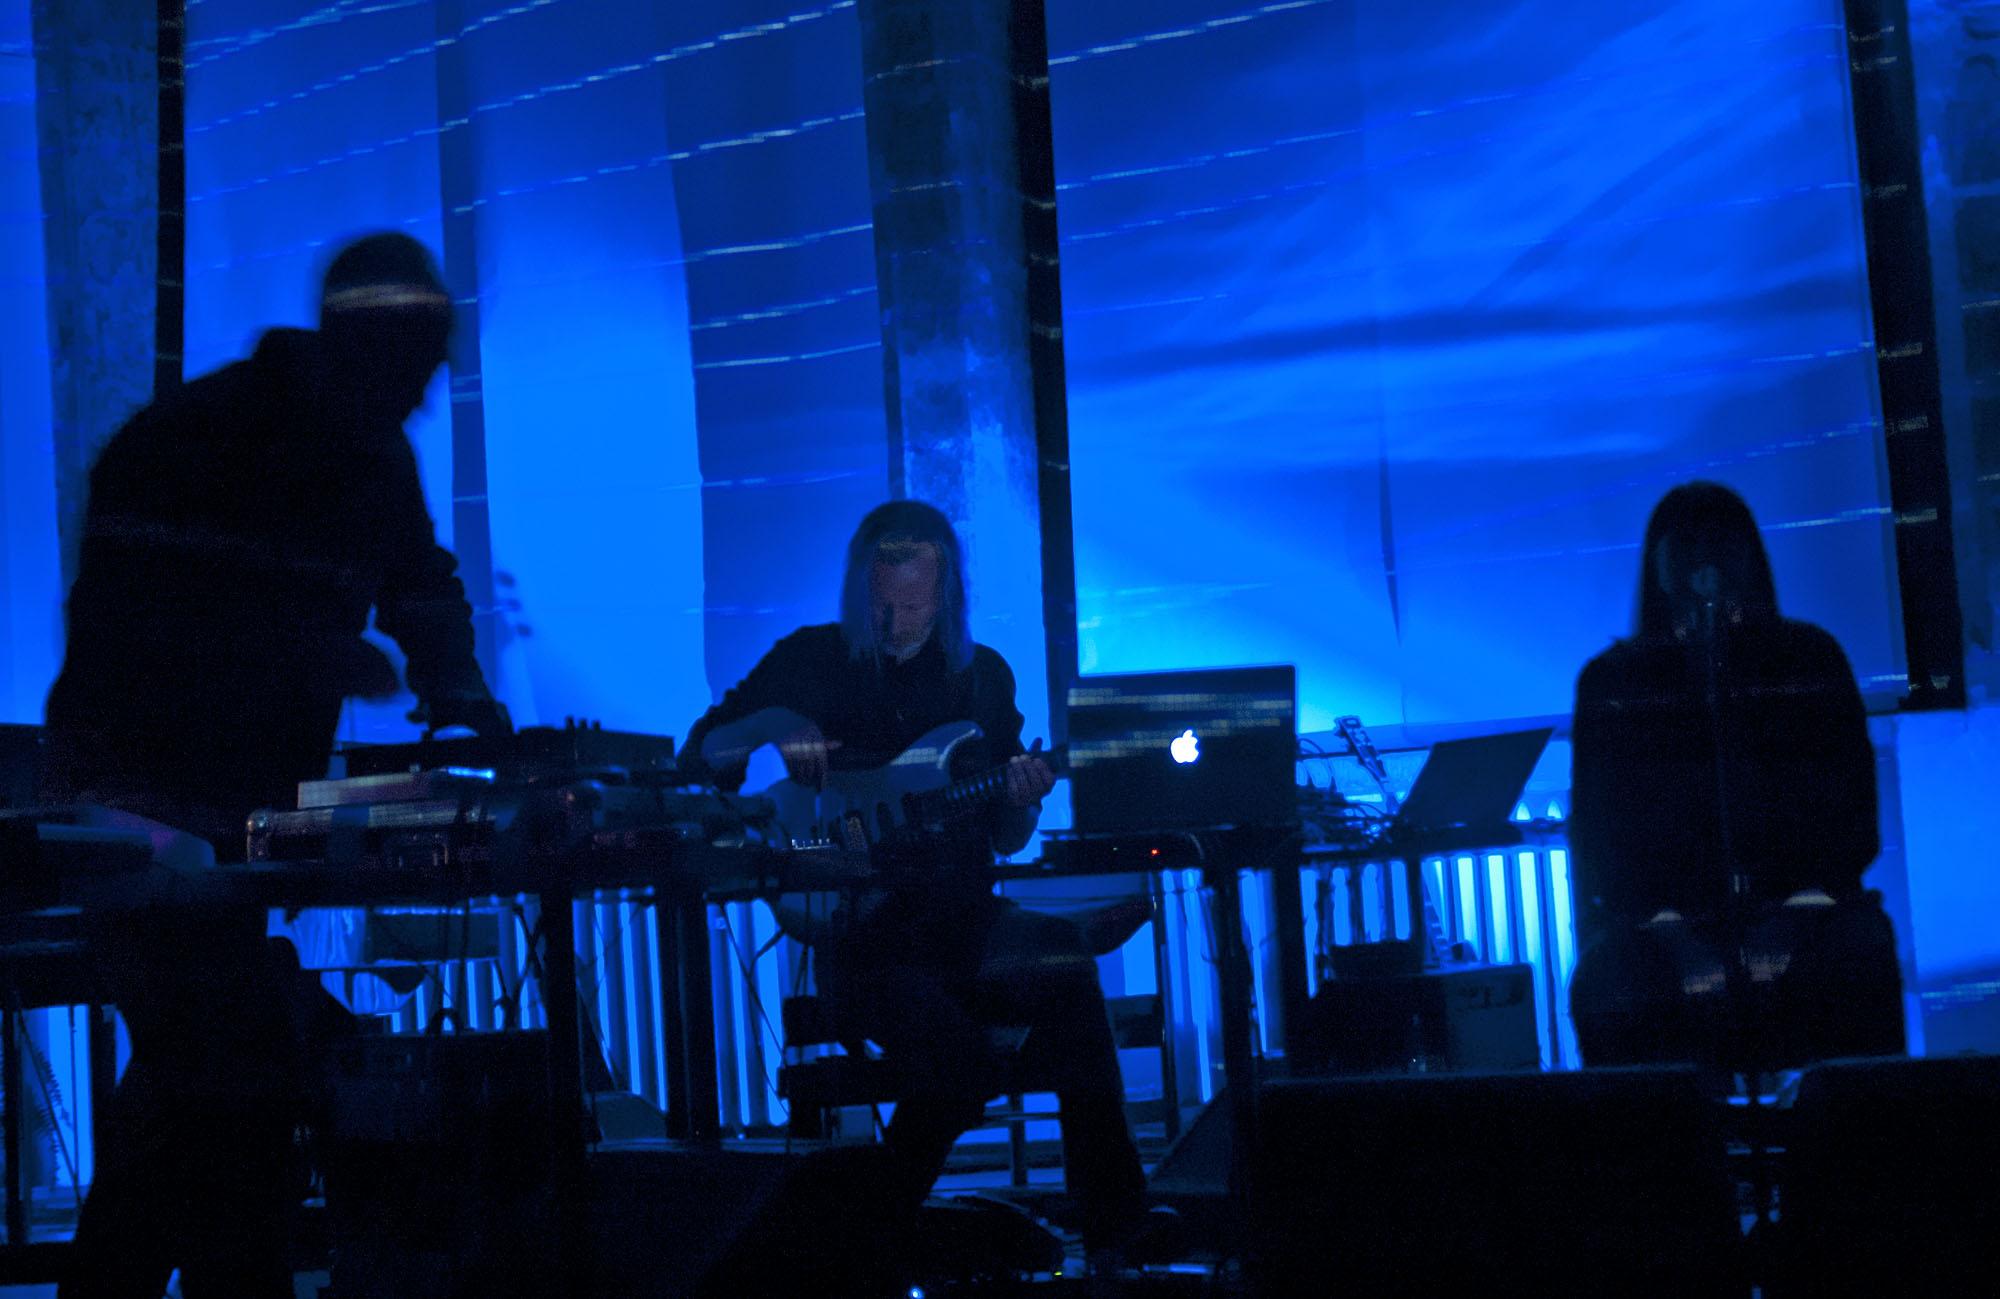 Jan Bang, Eivind Aarset, Sidsel Endresen, Punkt in Tallinn, April 2011